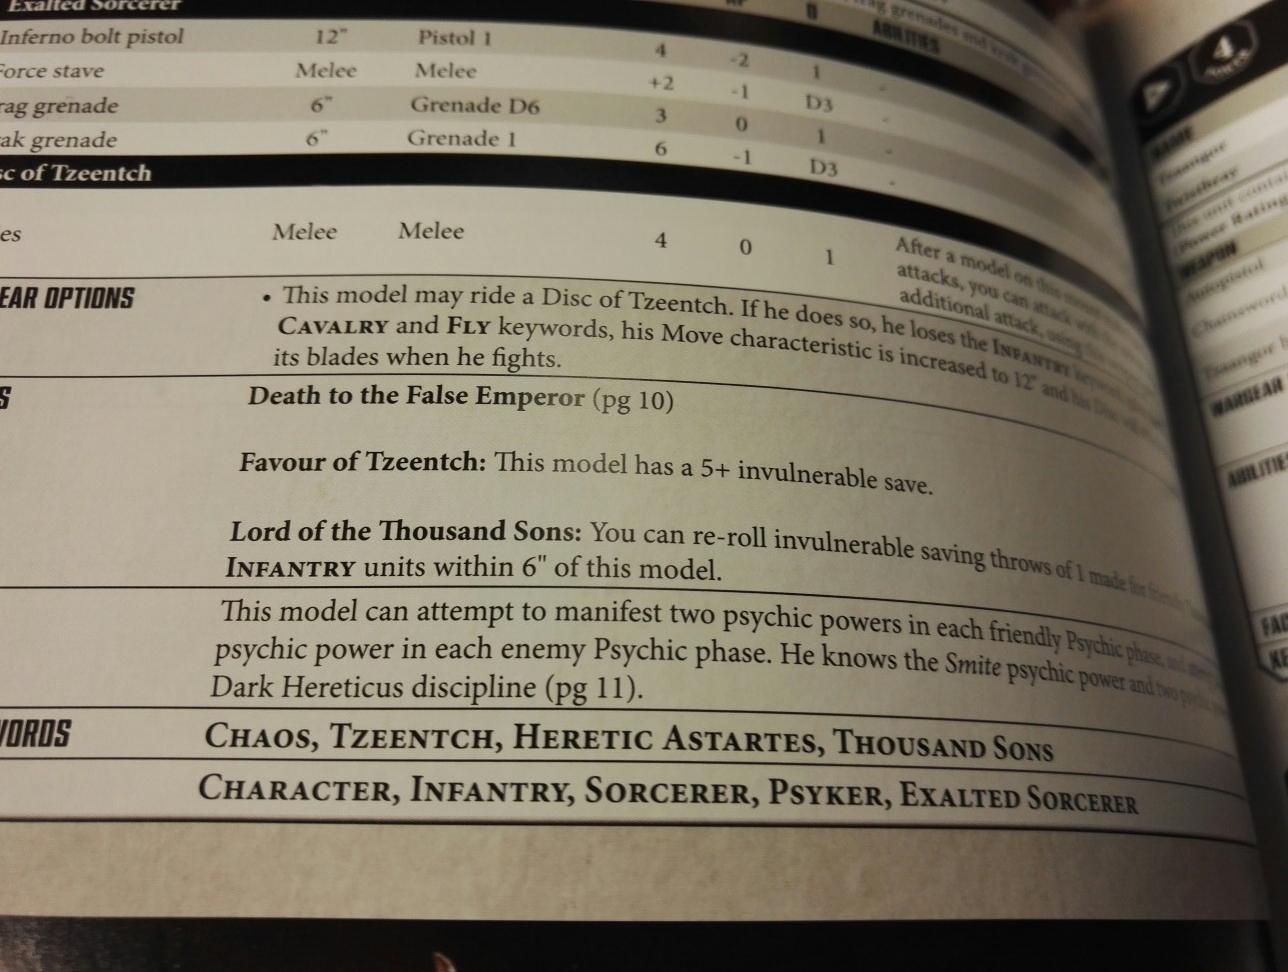 genestealer 8th edition codex pdf